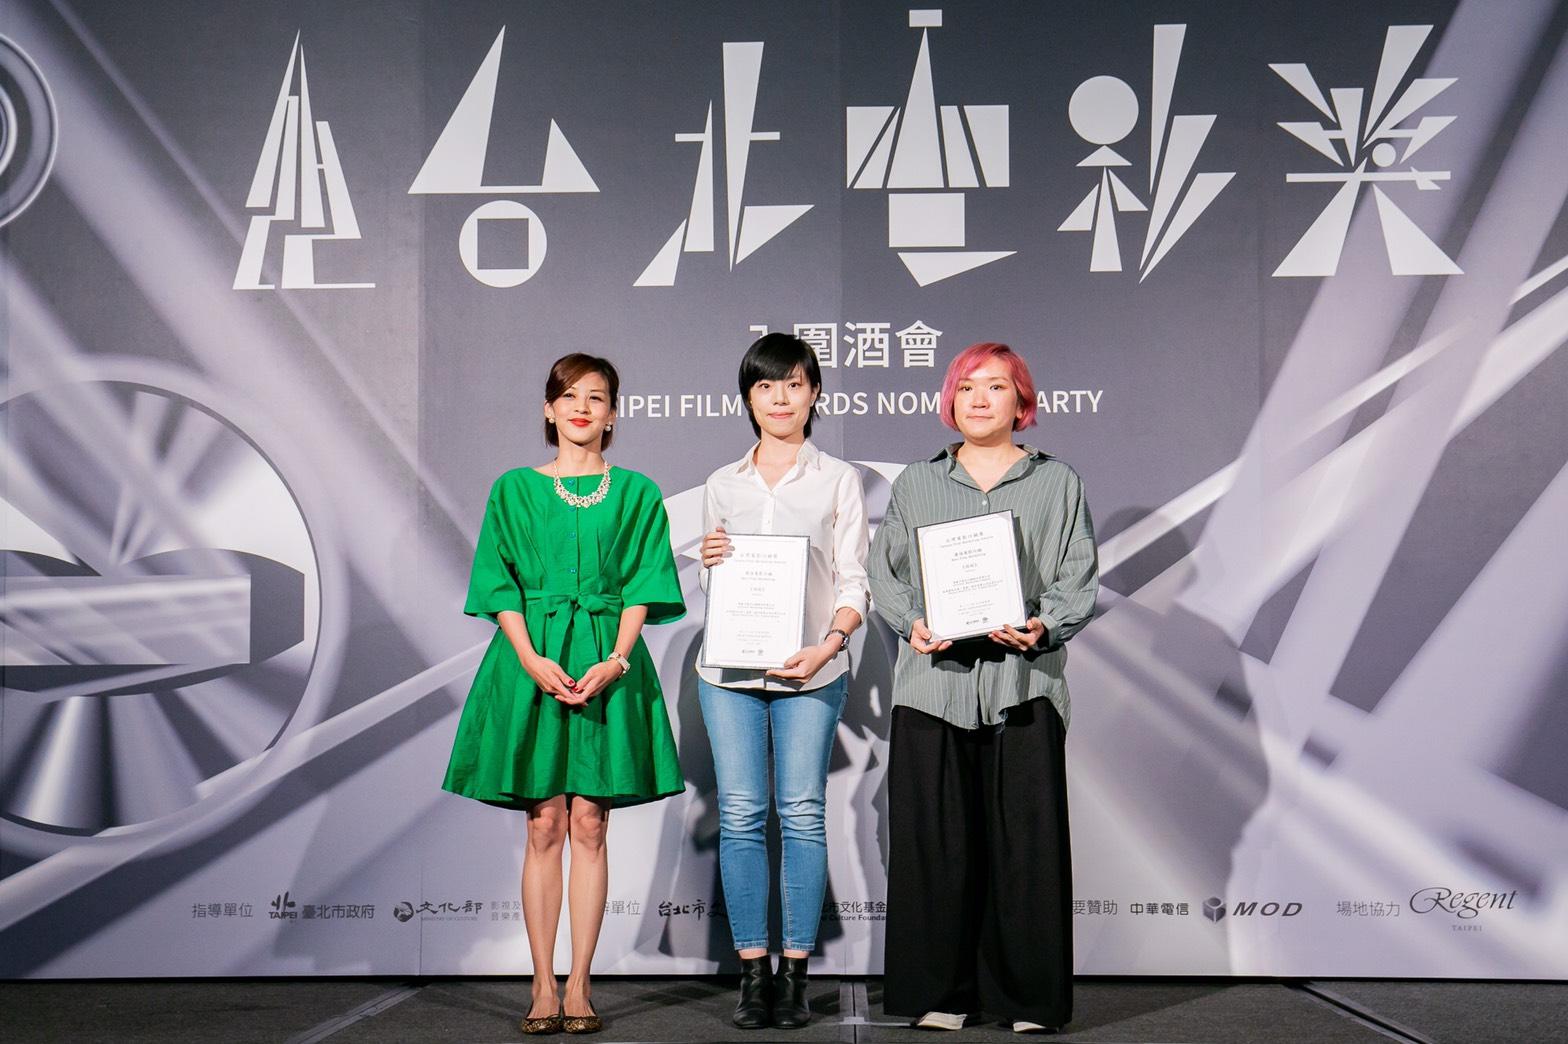 《返校》獲最佳電影行銷,牽猴子整合行銷陳怡樺(右)與美商華納台灣分公司行銷部梁牧平上台代表領獎。